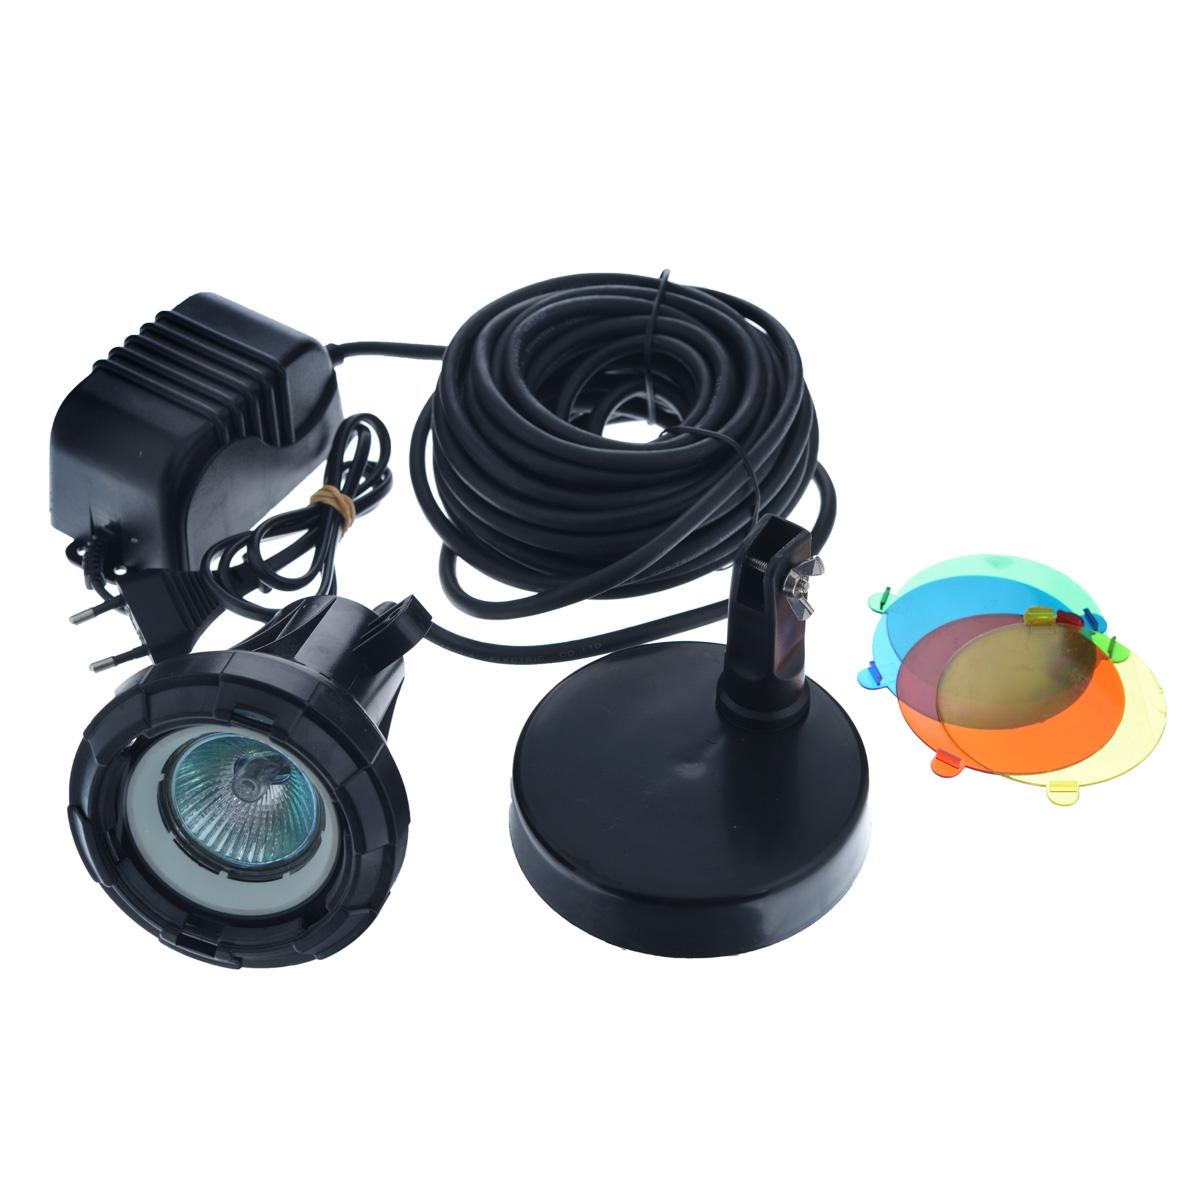 Лампа для подводного освещения Aquael, с трансформатором, 5 цветов. L20T4-50 WhiteЛампа Aquael выполнена из прочного пластика черного цвета и предназначена для подводного освещения водоемов или аквариумов. Лампа устанавливается на специальную подставку. Особенности лампы Aquael:- дает точечный свет;- пять цветов свечения: белый, желтый, красный, зеленый, голубой;- питание от трансформатора 11,6-12V;- трехметровый кабель питания с быстродействующим соединением обеспечивает легкое присоединение в любом месте на электропроводе низкого напряжения;- галогенная лампа 12В 20Вт. Размер лампы (без подставки): 10 см х 9,5 см х 9,5 см.